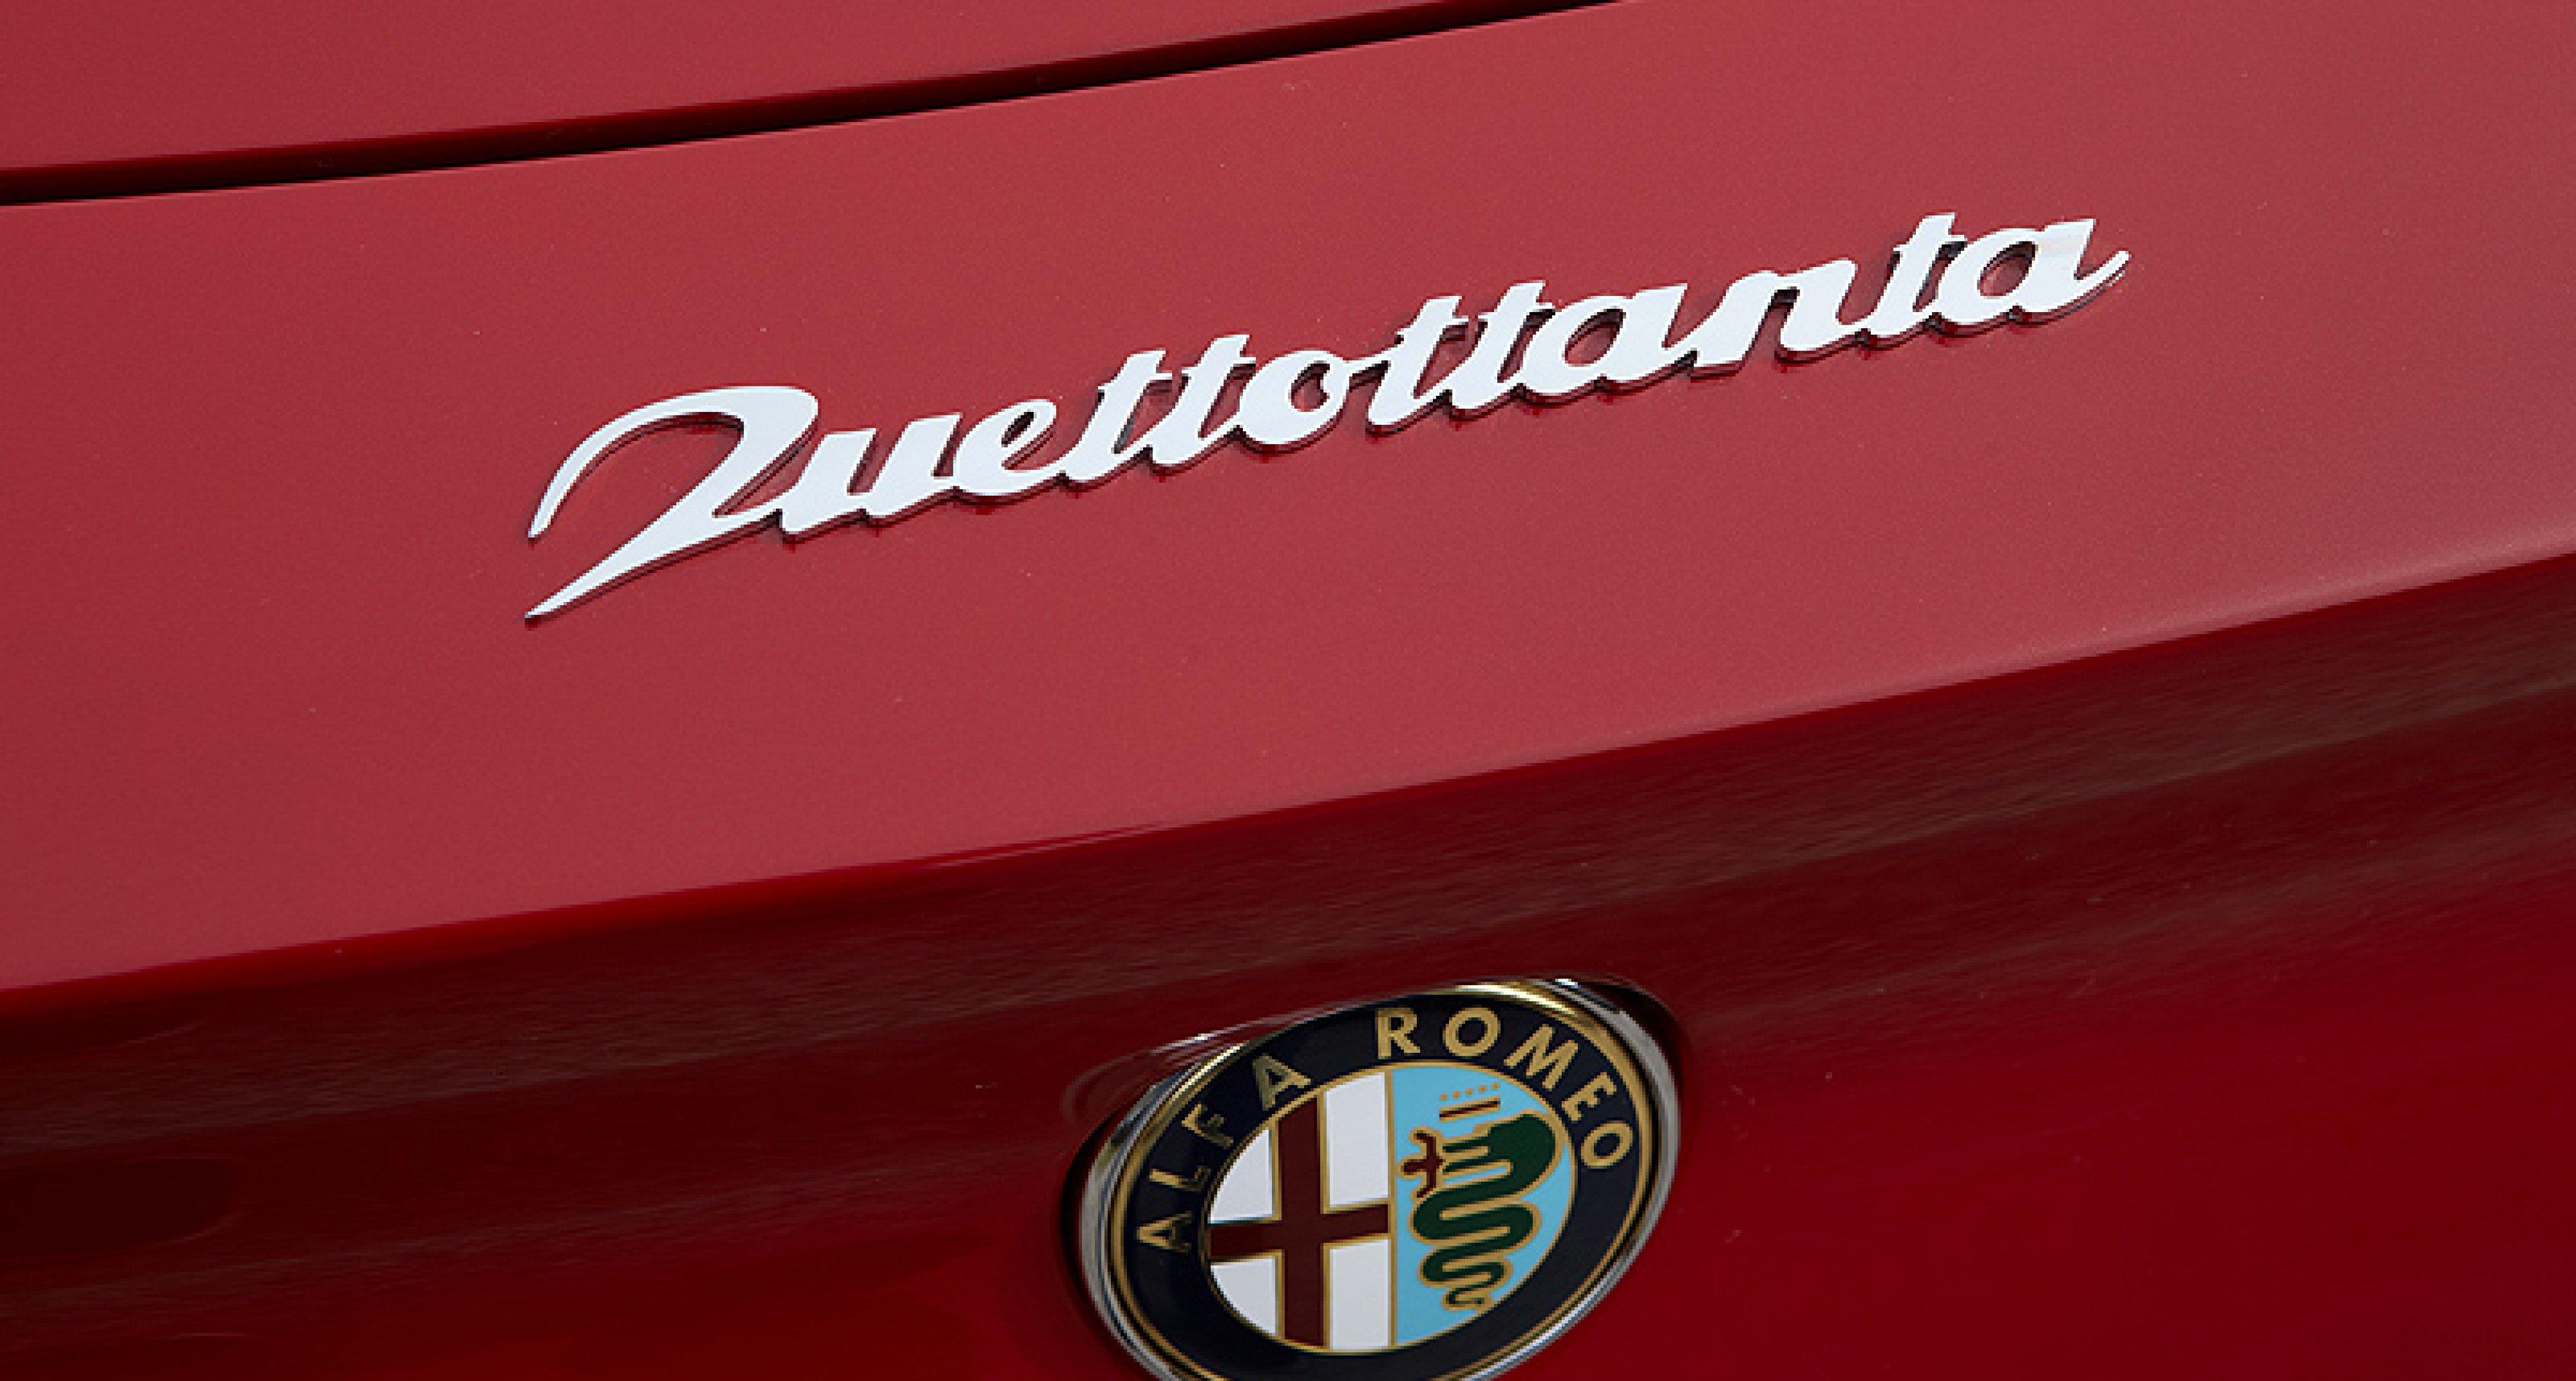 Geneva 2010: Pininfarina 2uettottanta